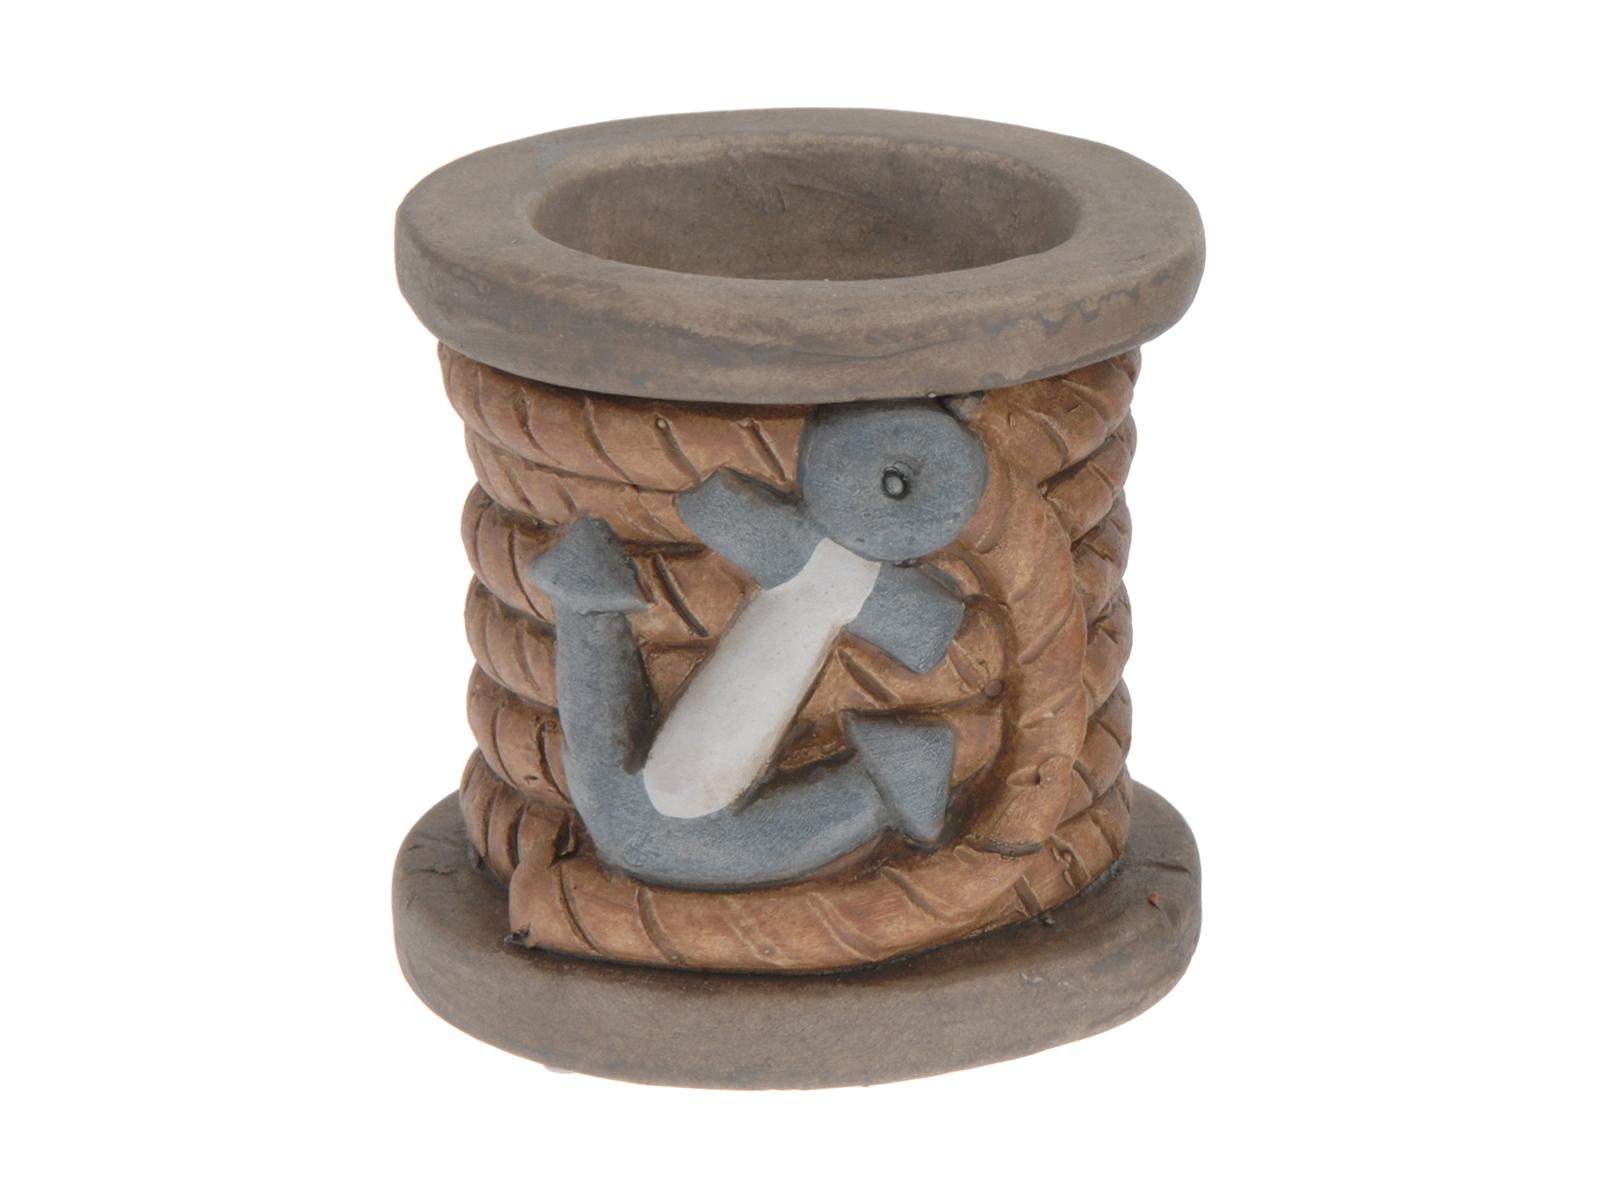 Подсвечник MarineСвечи и подсвечники<br>Подсвечник декоративный с морским дизайном<br>